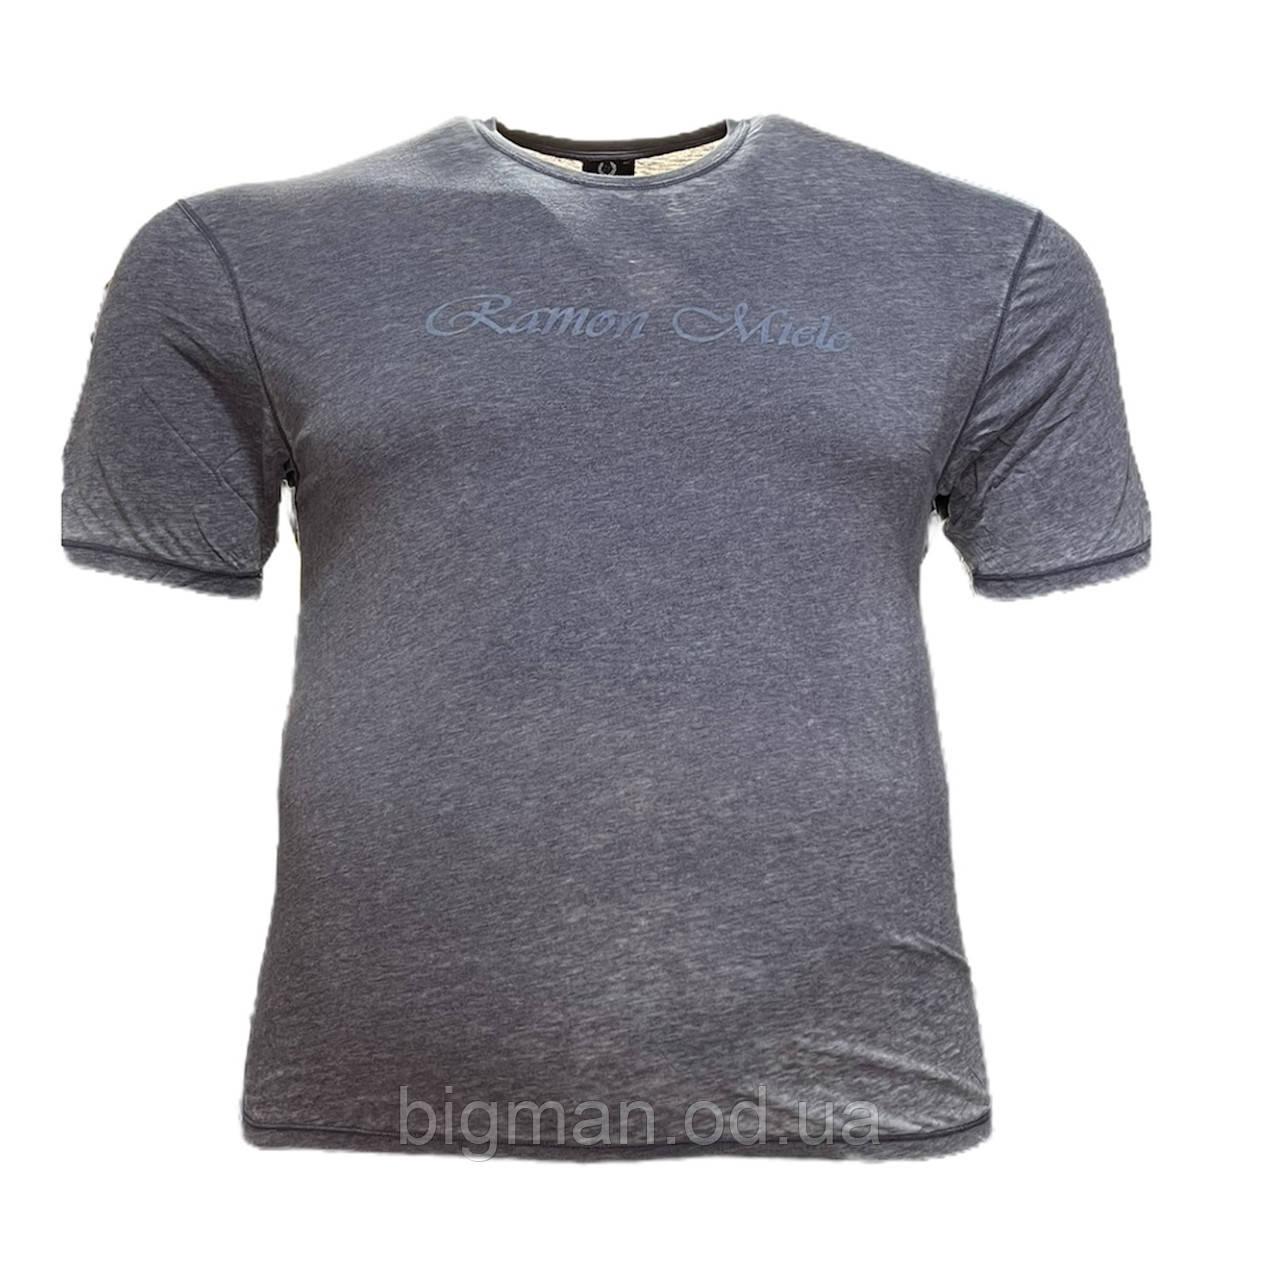 Чоловіча батальна футболка Miele 12117 2XL 3XL 4XL 5XL 6XL сіра великі розміри Туреччина